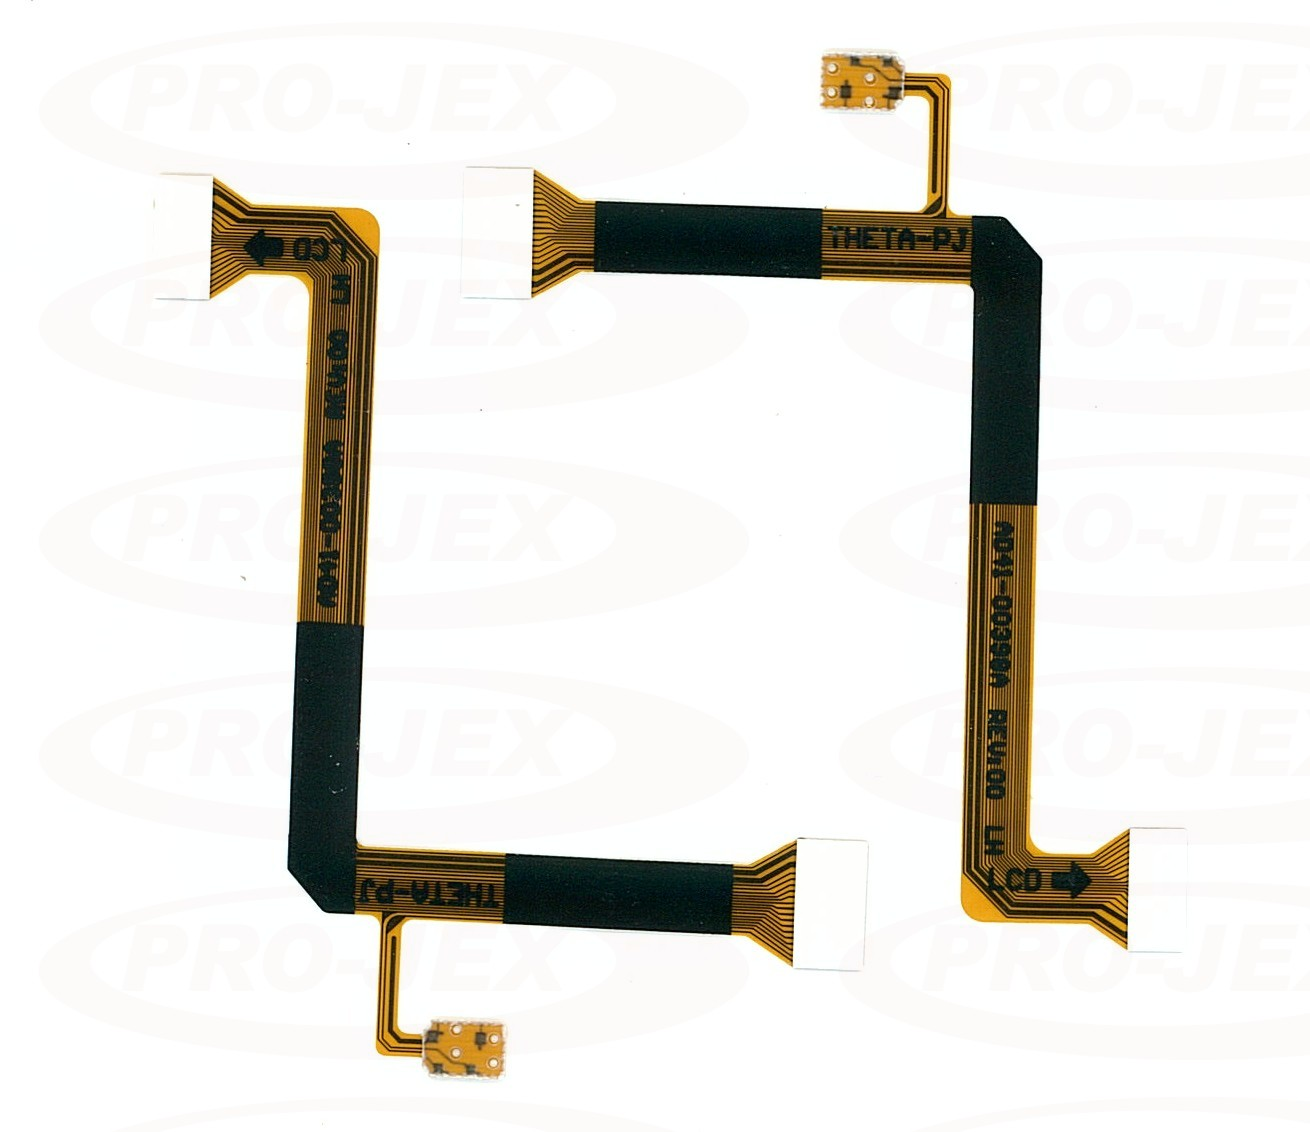 Flex wyświetlacza LCD SAMSUNG VP D30i D31i D93i D36i D39i D99i D903 D323 D390 D230 DH100